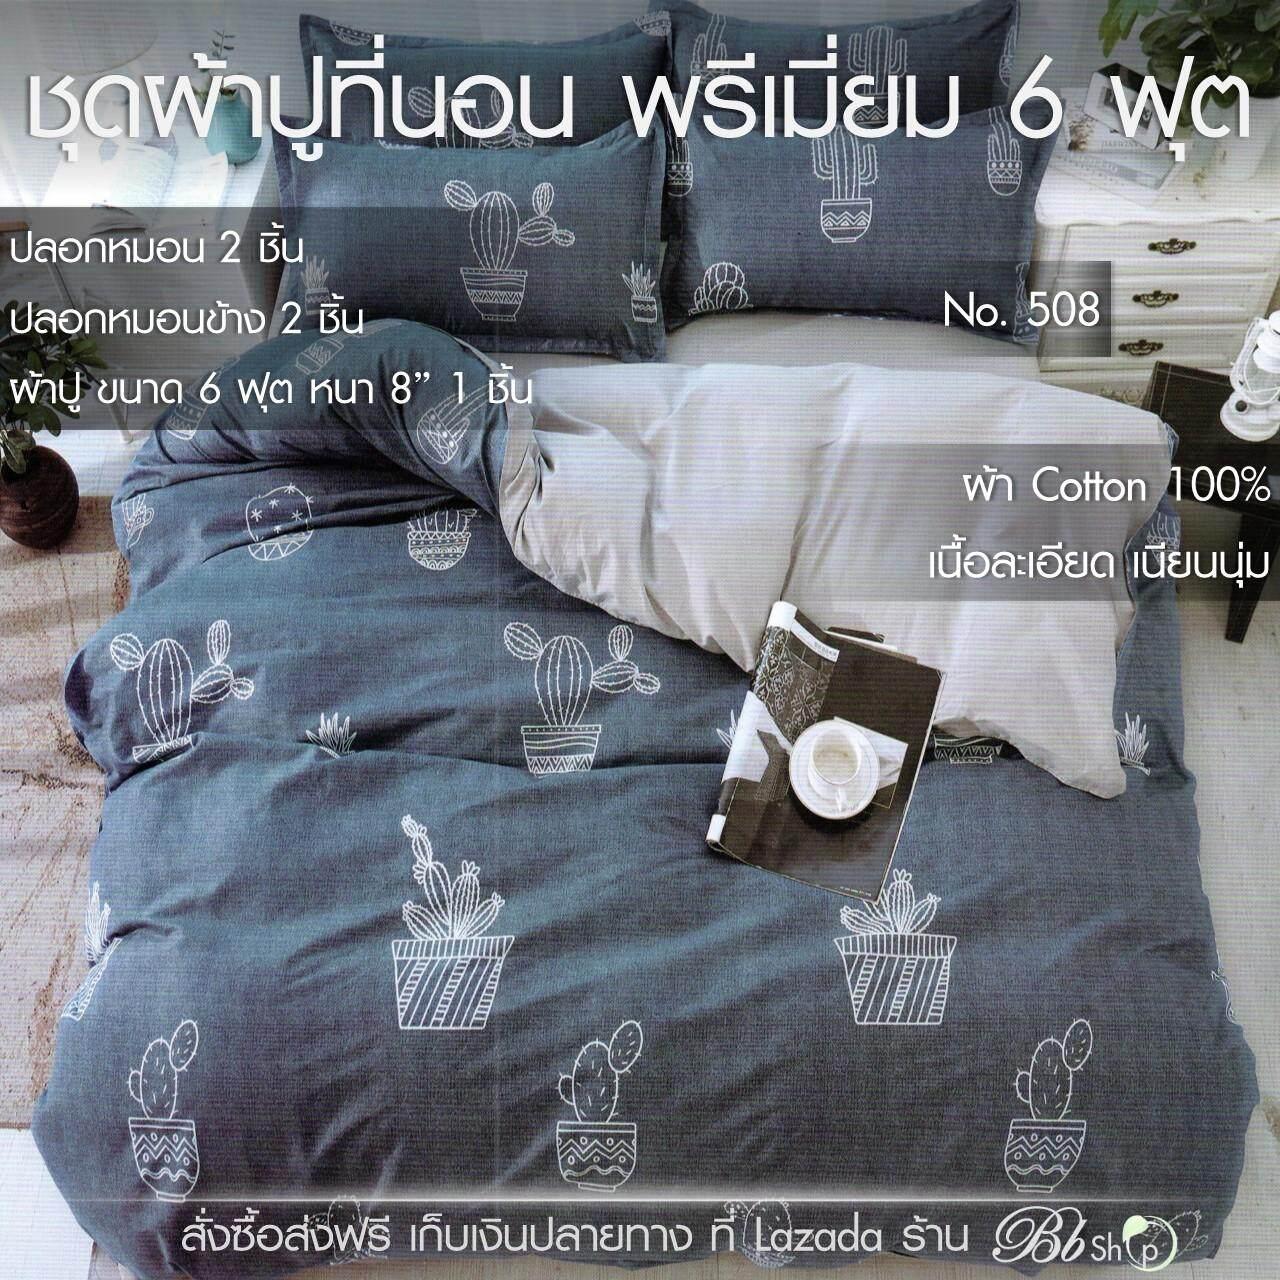 ผ้าปูที่นอน พรีเมี่ยม 6 ฟุต 5ชิ้น เนิ้อ Cotton 100% ไม่ร้อน ไม่จับกลิ่น ไม่เป็นขนขึ้นเม็ด .ใช้กับที่นอนหนา 8.